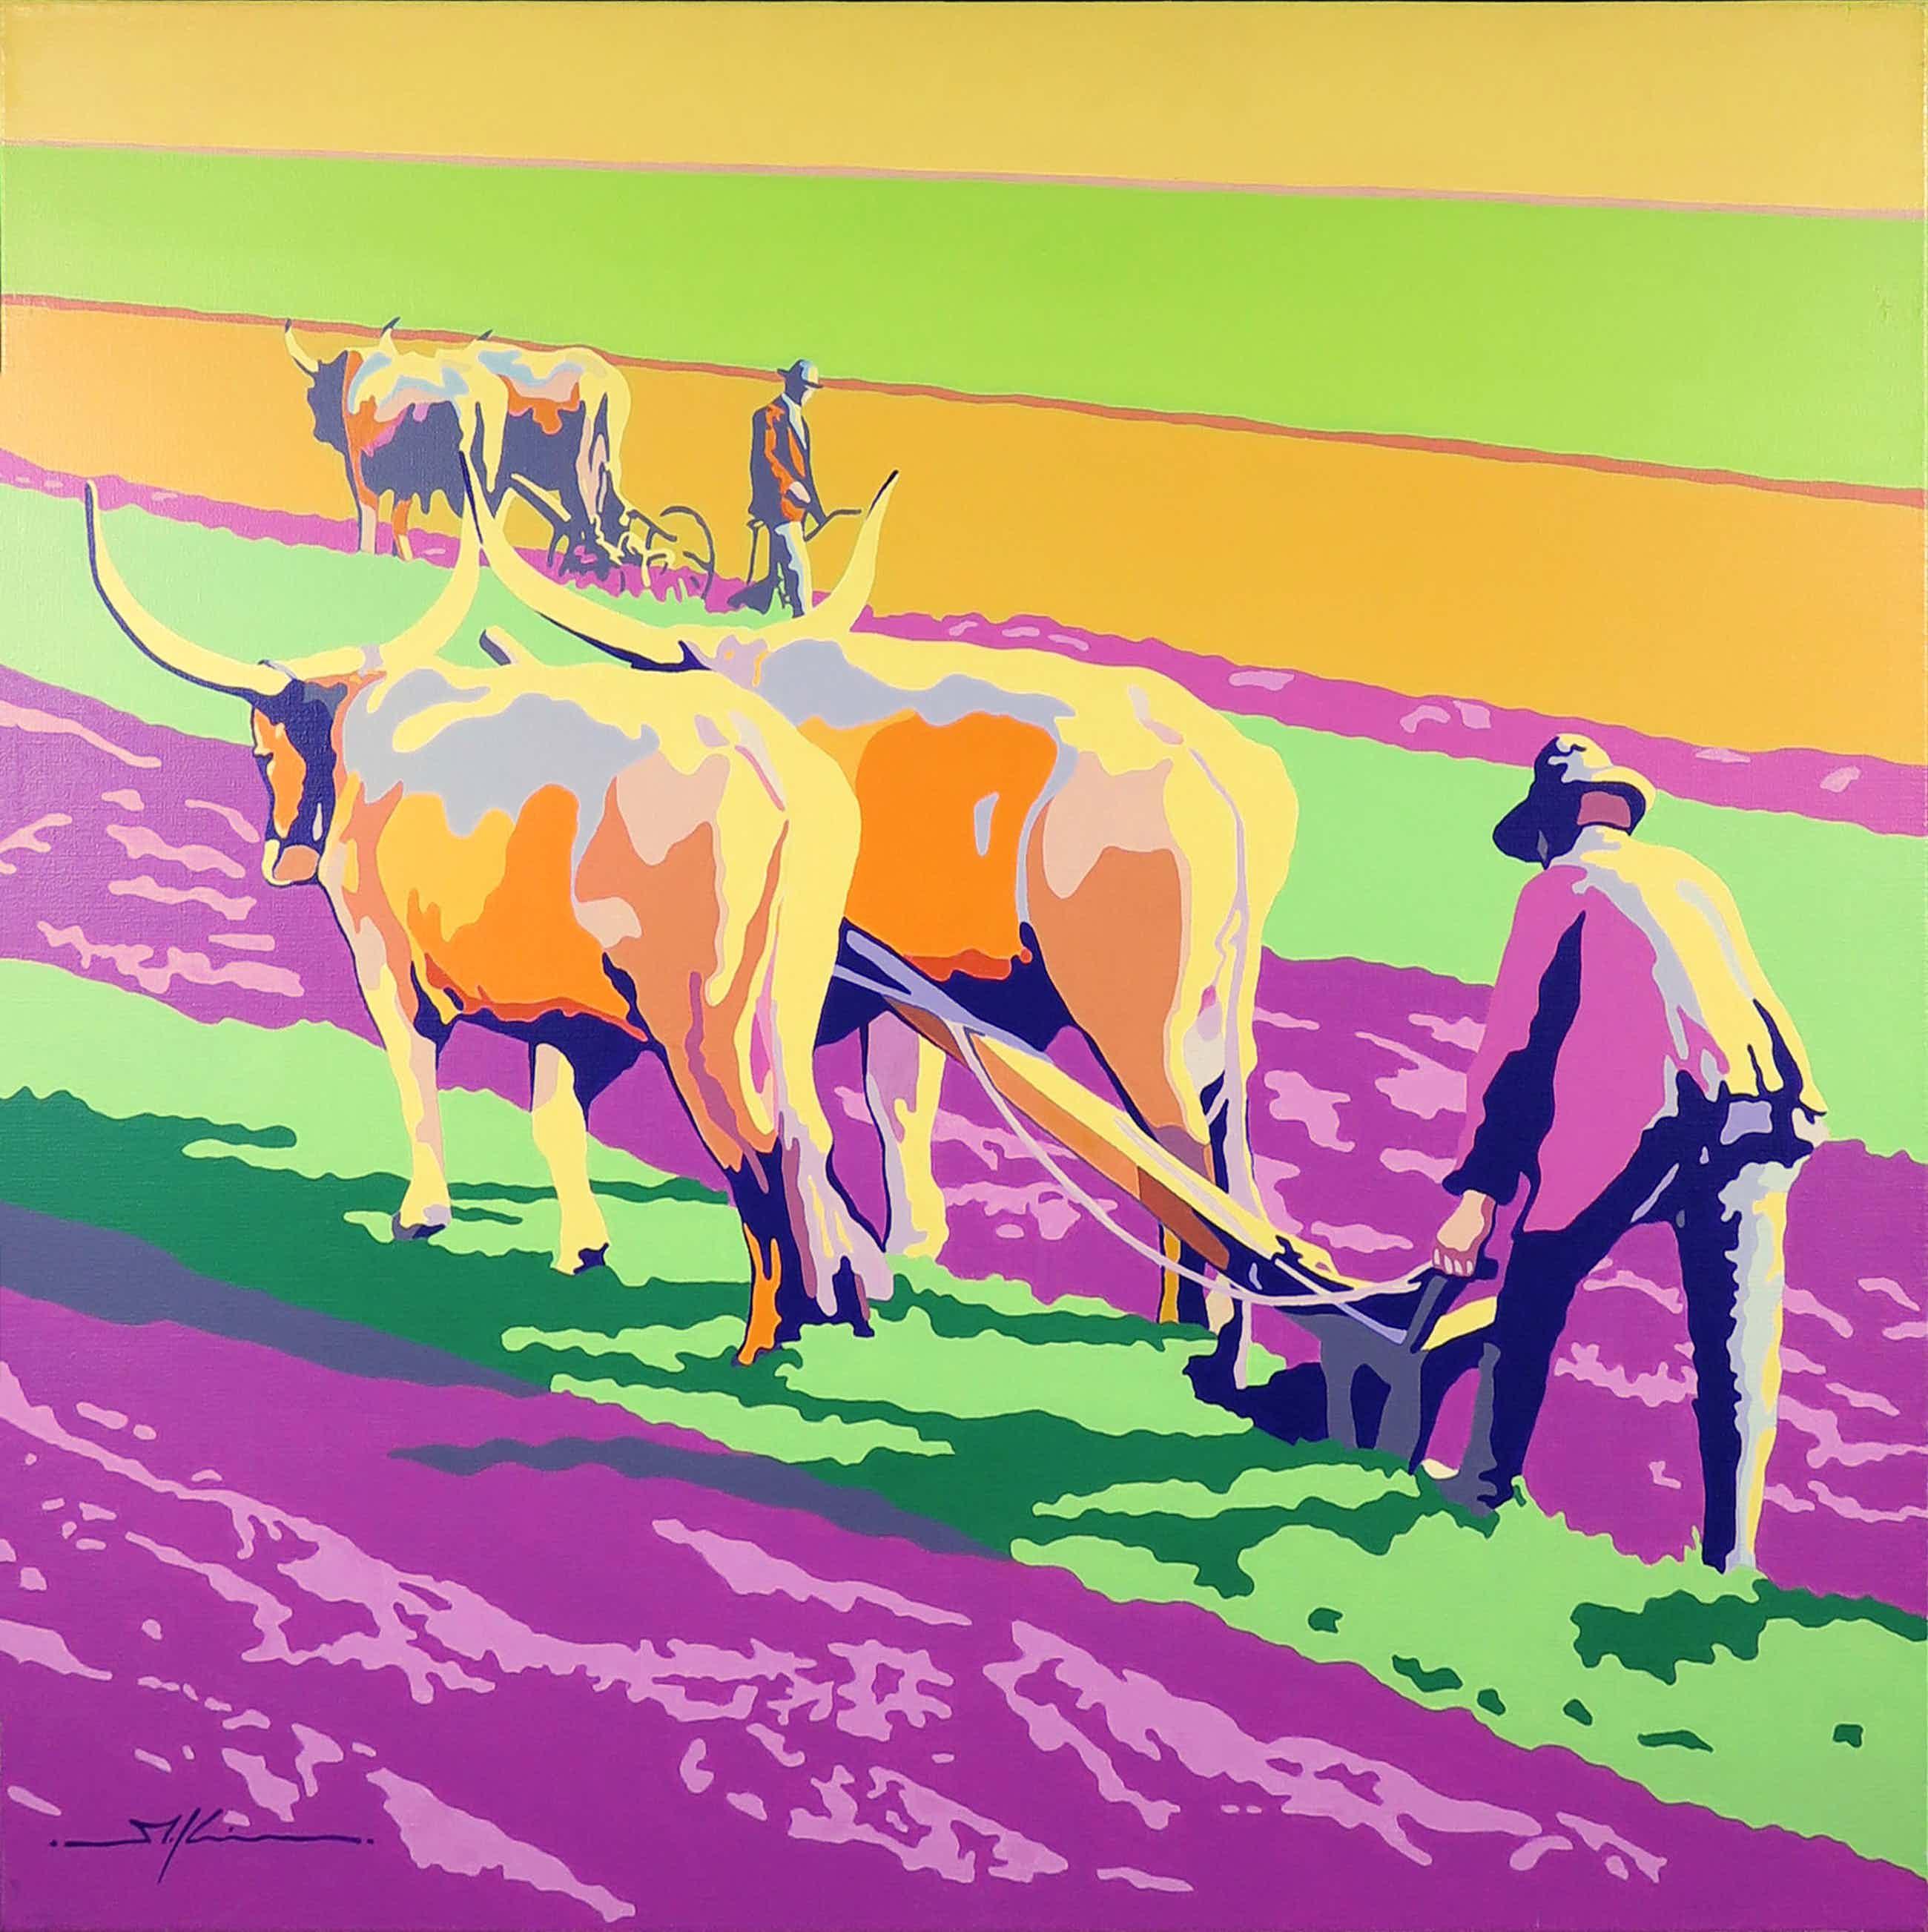 Marco Kooiman - Acryl op doek, Plowing (Groot) kopen? Bied vanaf 102!